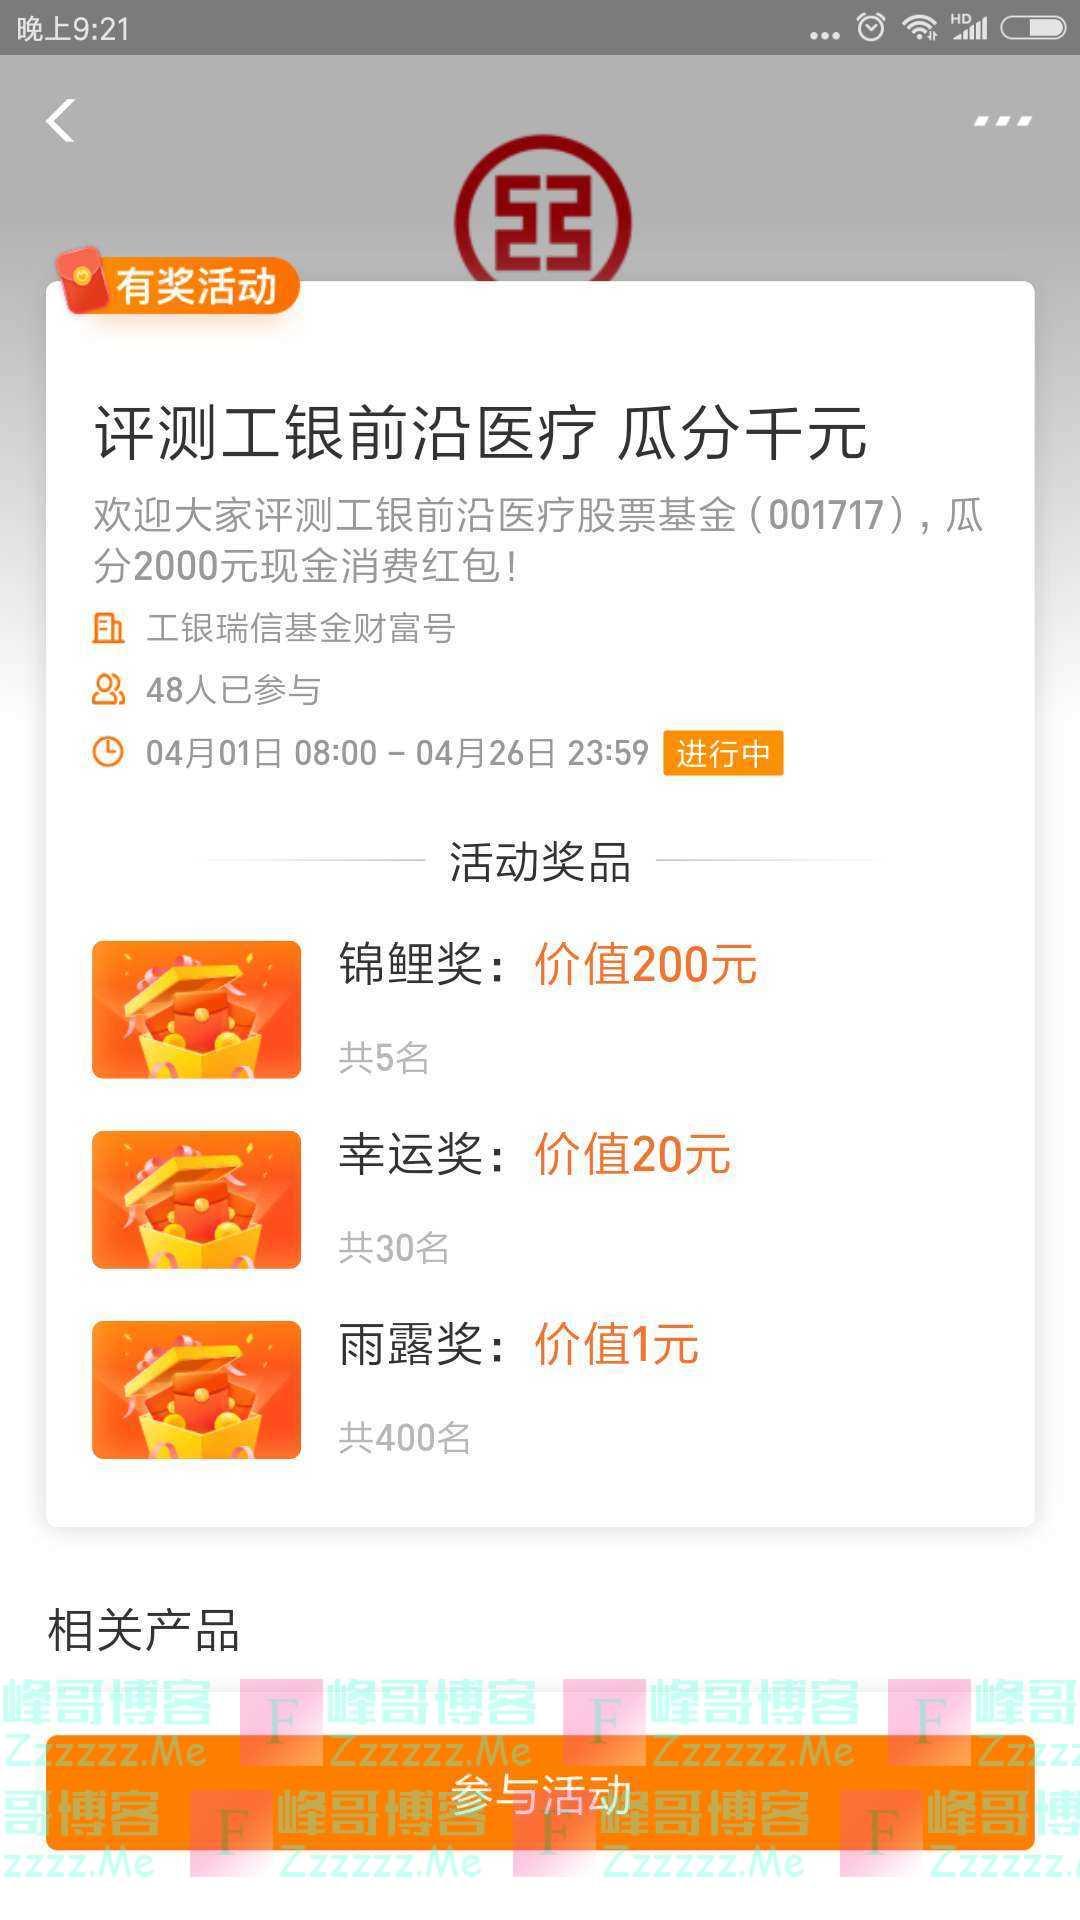 工银瑞信基金评测工银前沿医疗  瓜分千元(截止4月26日)